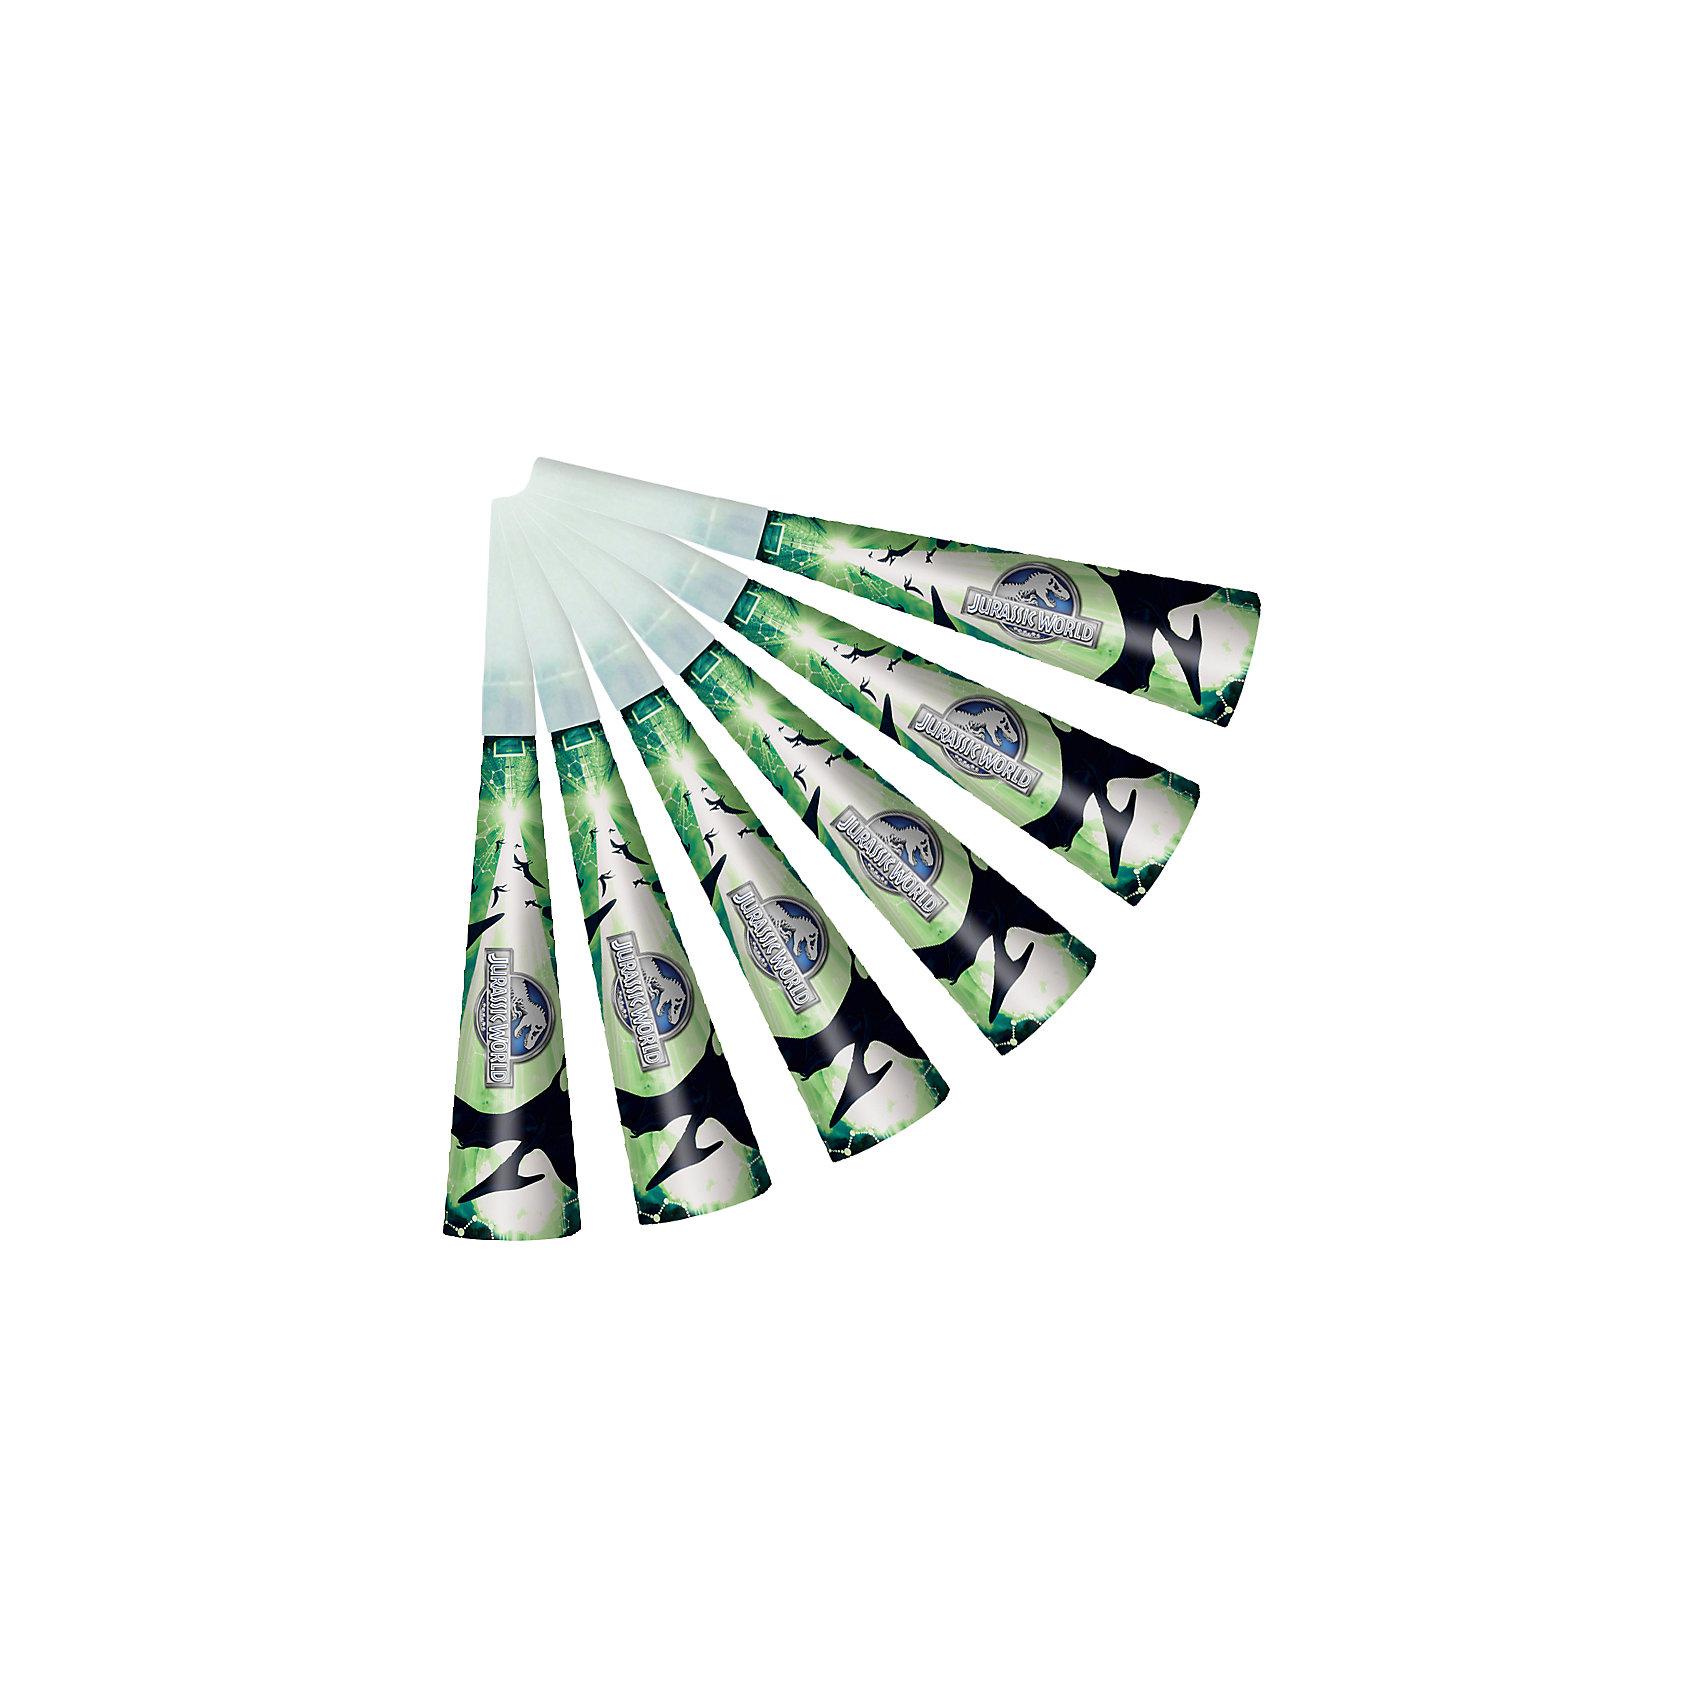 Дудочка 6шт, Парк Юрского периодаВсё для праздника<br>Стильные бумажные дудочки с динозаврами из фильма «Парк Юрского периода» развеселят ребятишек и помогут организовать много увлекательных игр и конкурсов, во время которых будет активно развиваться дыхательная система деток, что особенно полезно для их здорового развития.&#13;<br>В наборе 6 бумажных дудочек, декорированных привлекательным принтом. Вы также можете выбрать другие товары из данной серии: стаканы, тарелки, салфетки, язычки, колпаки, приглашение в конверте, скатерть, мыльные пузыри, подарочные пакеты и другие товары.<br><br>Ширина мм: 260<br>Глубина мм: 150<br>Высота мм: 35<br>Вес г: 40<br>Возраст от месяцев: 36<br>Возраст до месяцев: 120<br>Пол: Унисекс<br>Возраст: Детский<br>SKU: 5016472